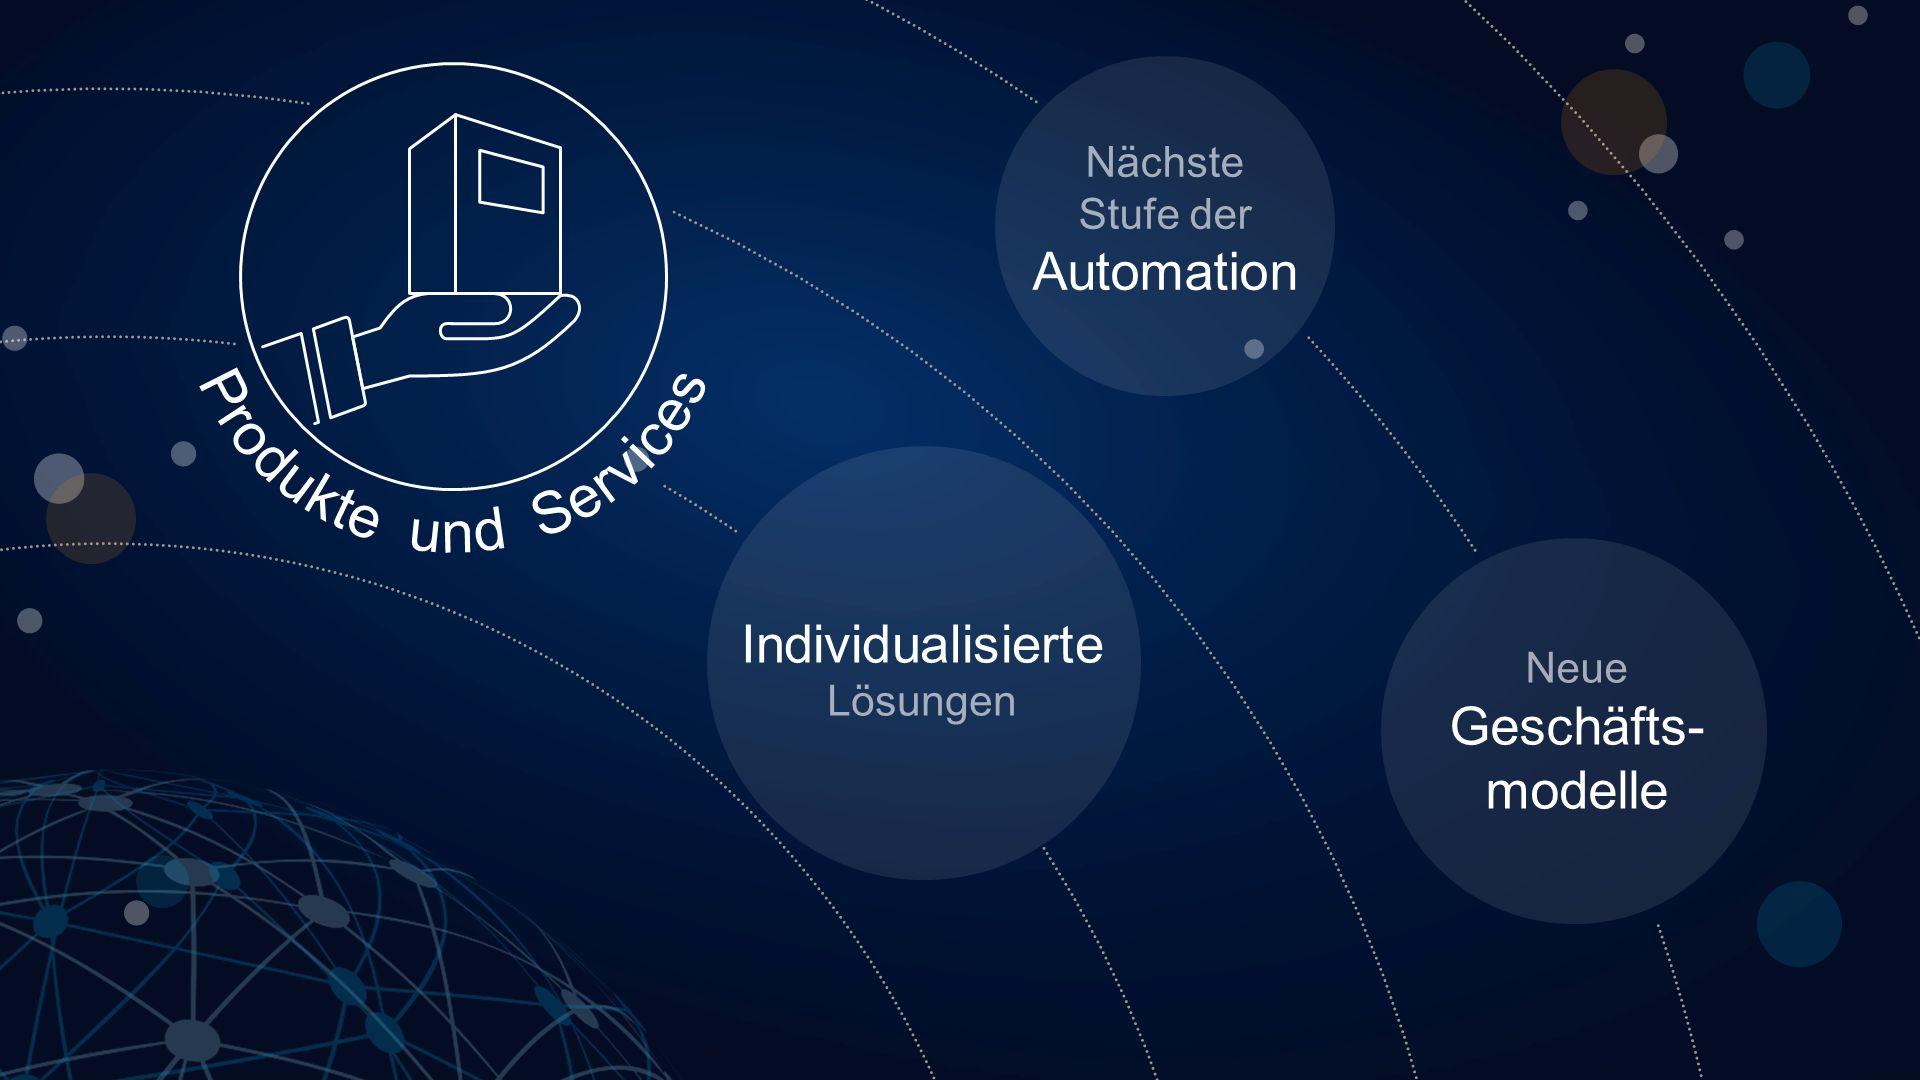 Nächste Stufe der Automation Individualisierte Lösungen Neue Geschäfts- modelle